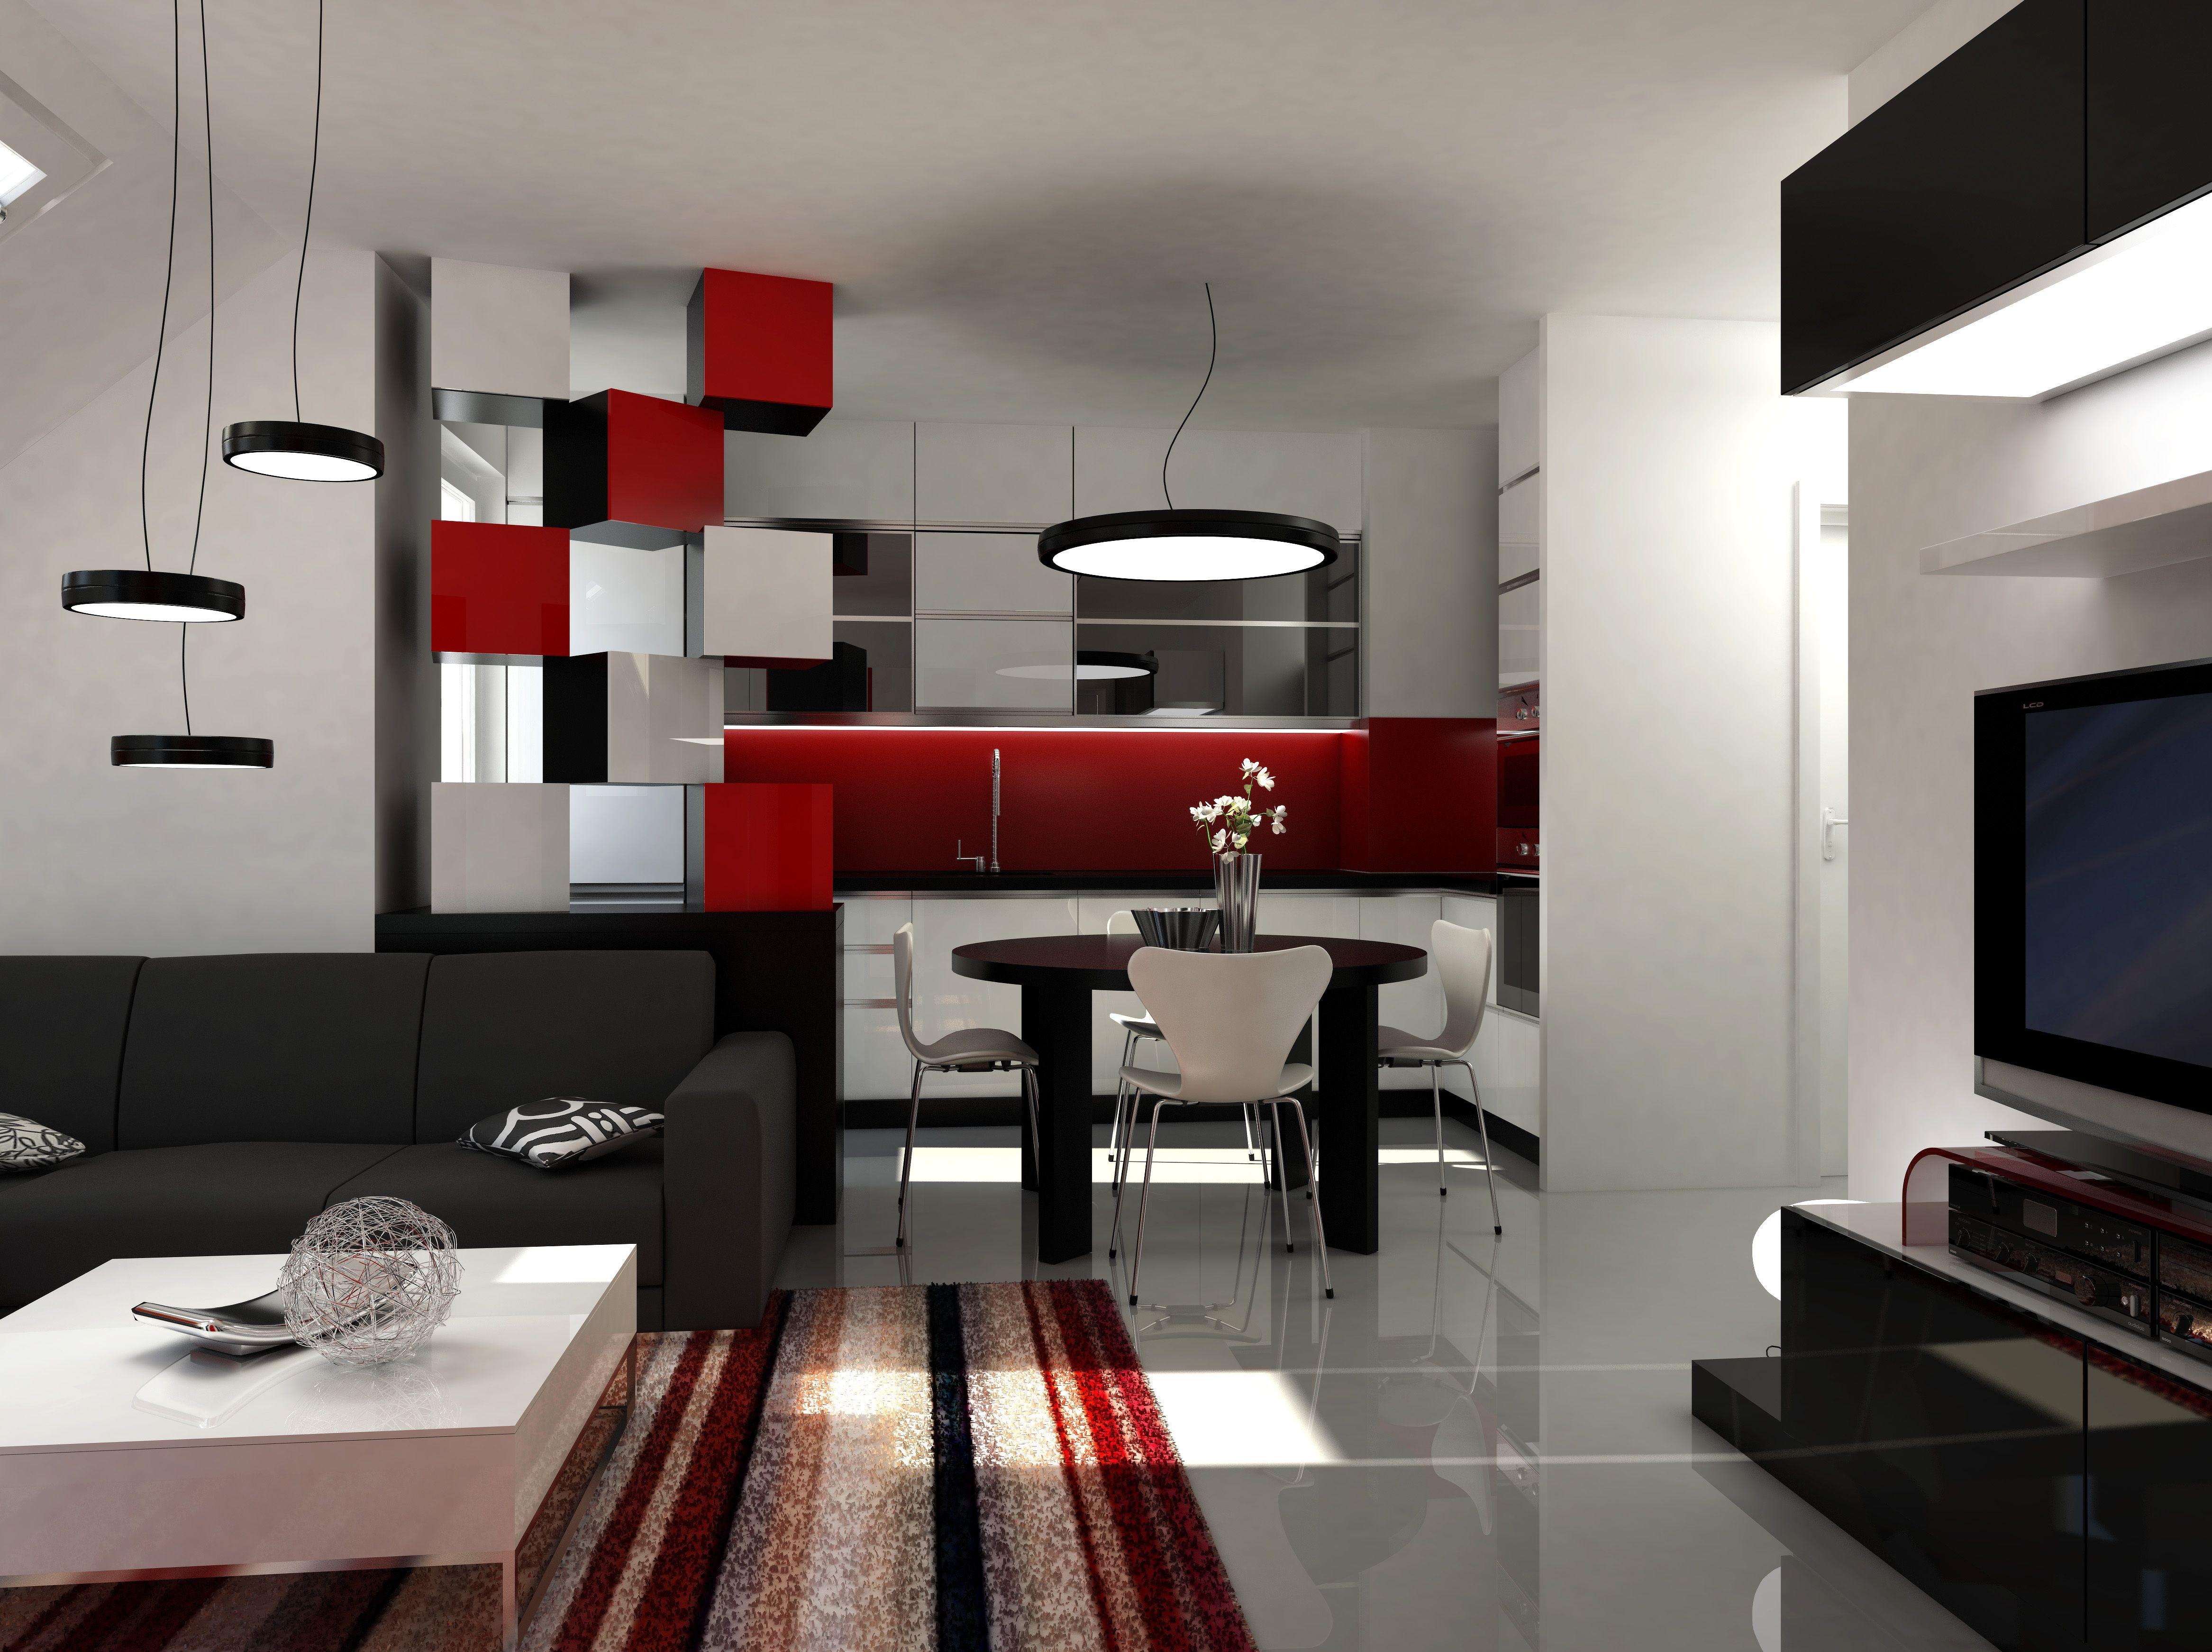 Entzuckend Deko Für Wohnzimmer In Rot Modernes Minimalistisches Haus